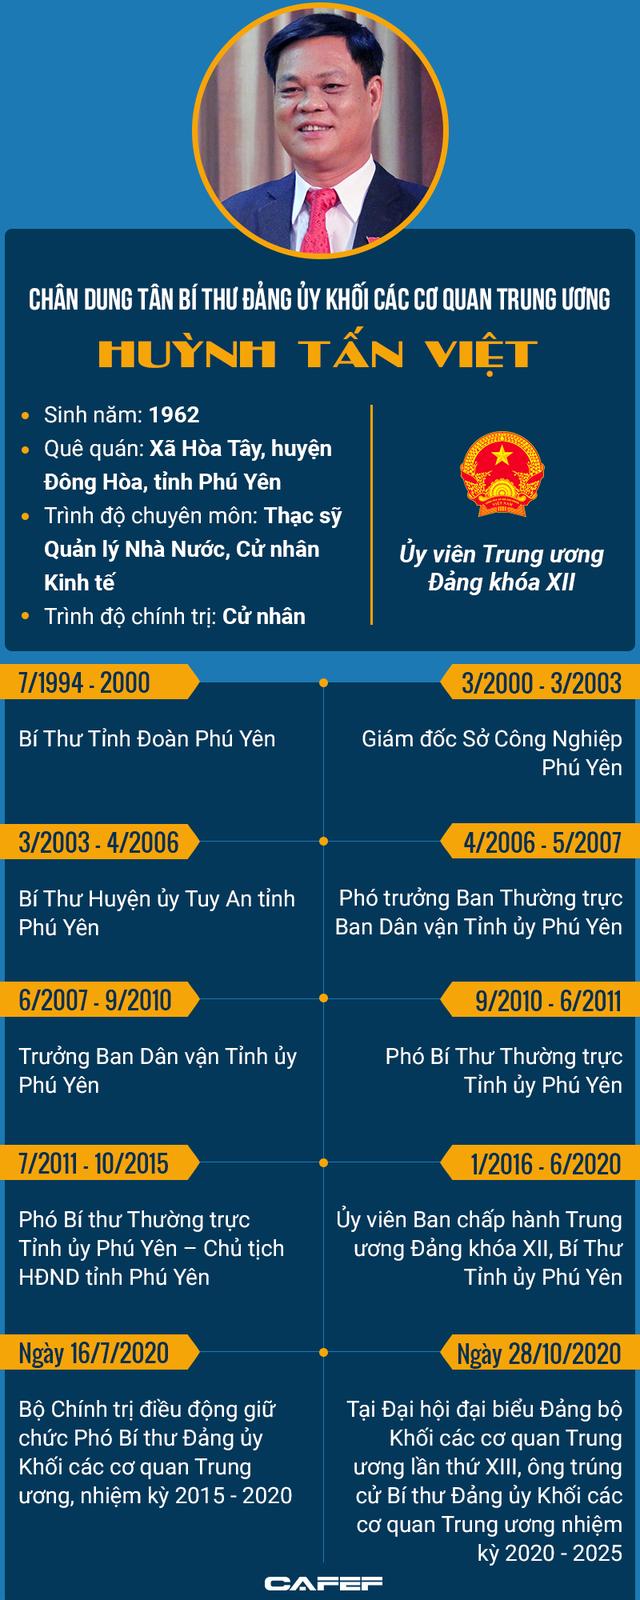 Infographic: Chân dung tân Bí thư Đảng ủy Khối các cơ quan Trung ương Huỳnh Tấn Việt - Ảnh 1.